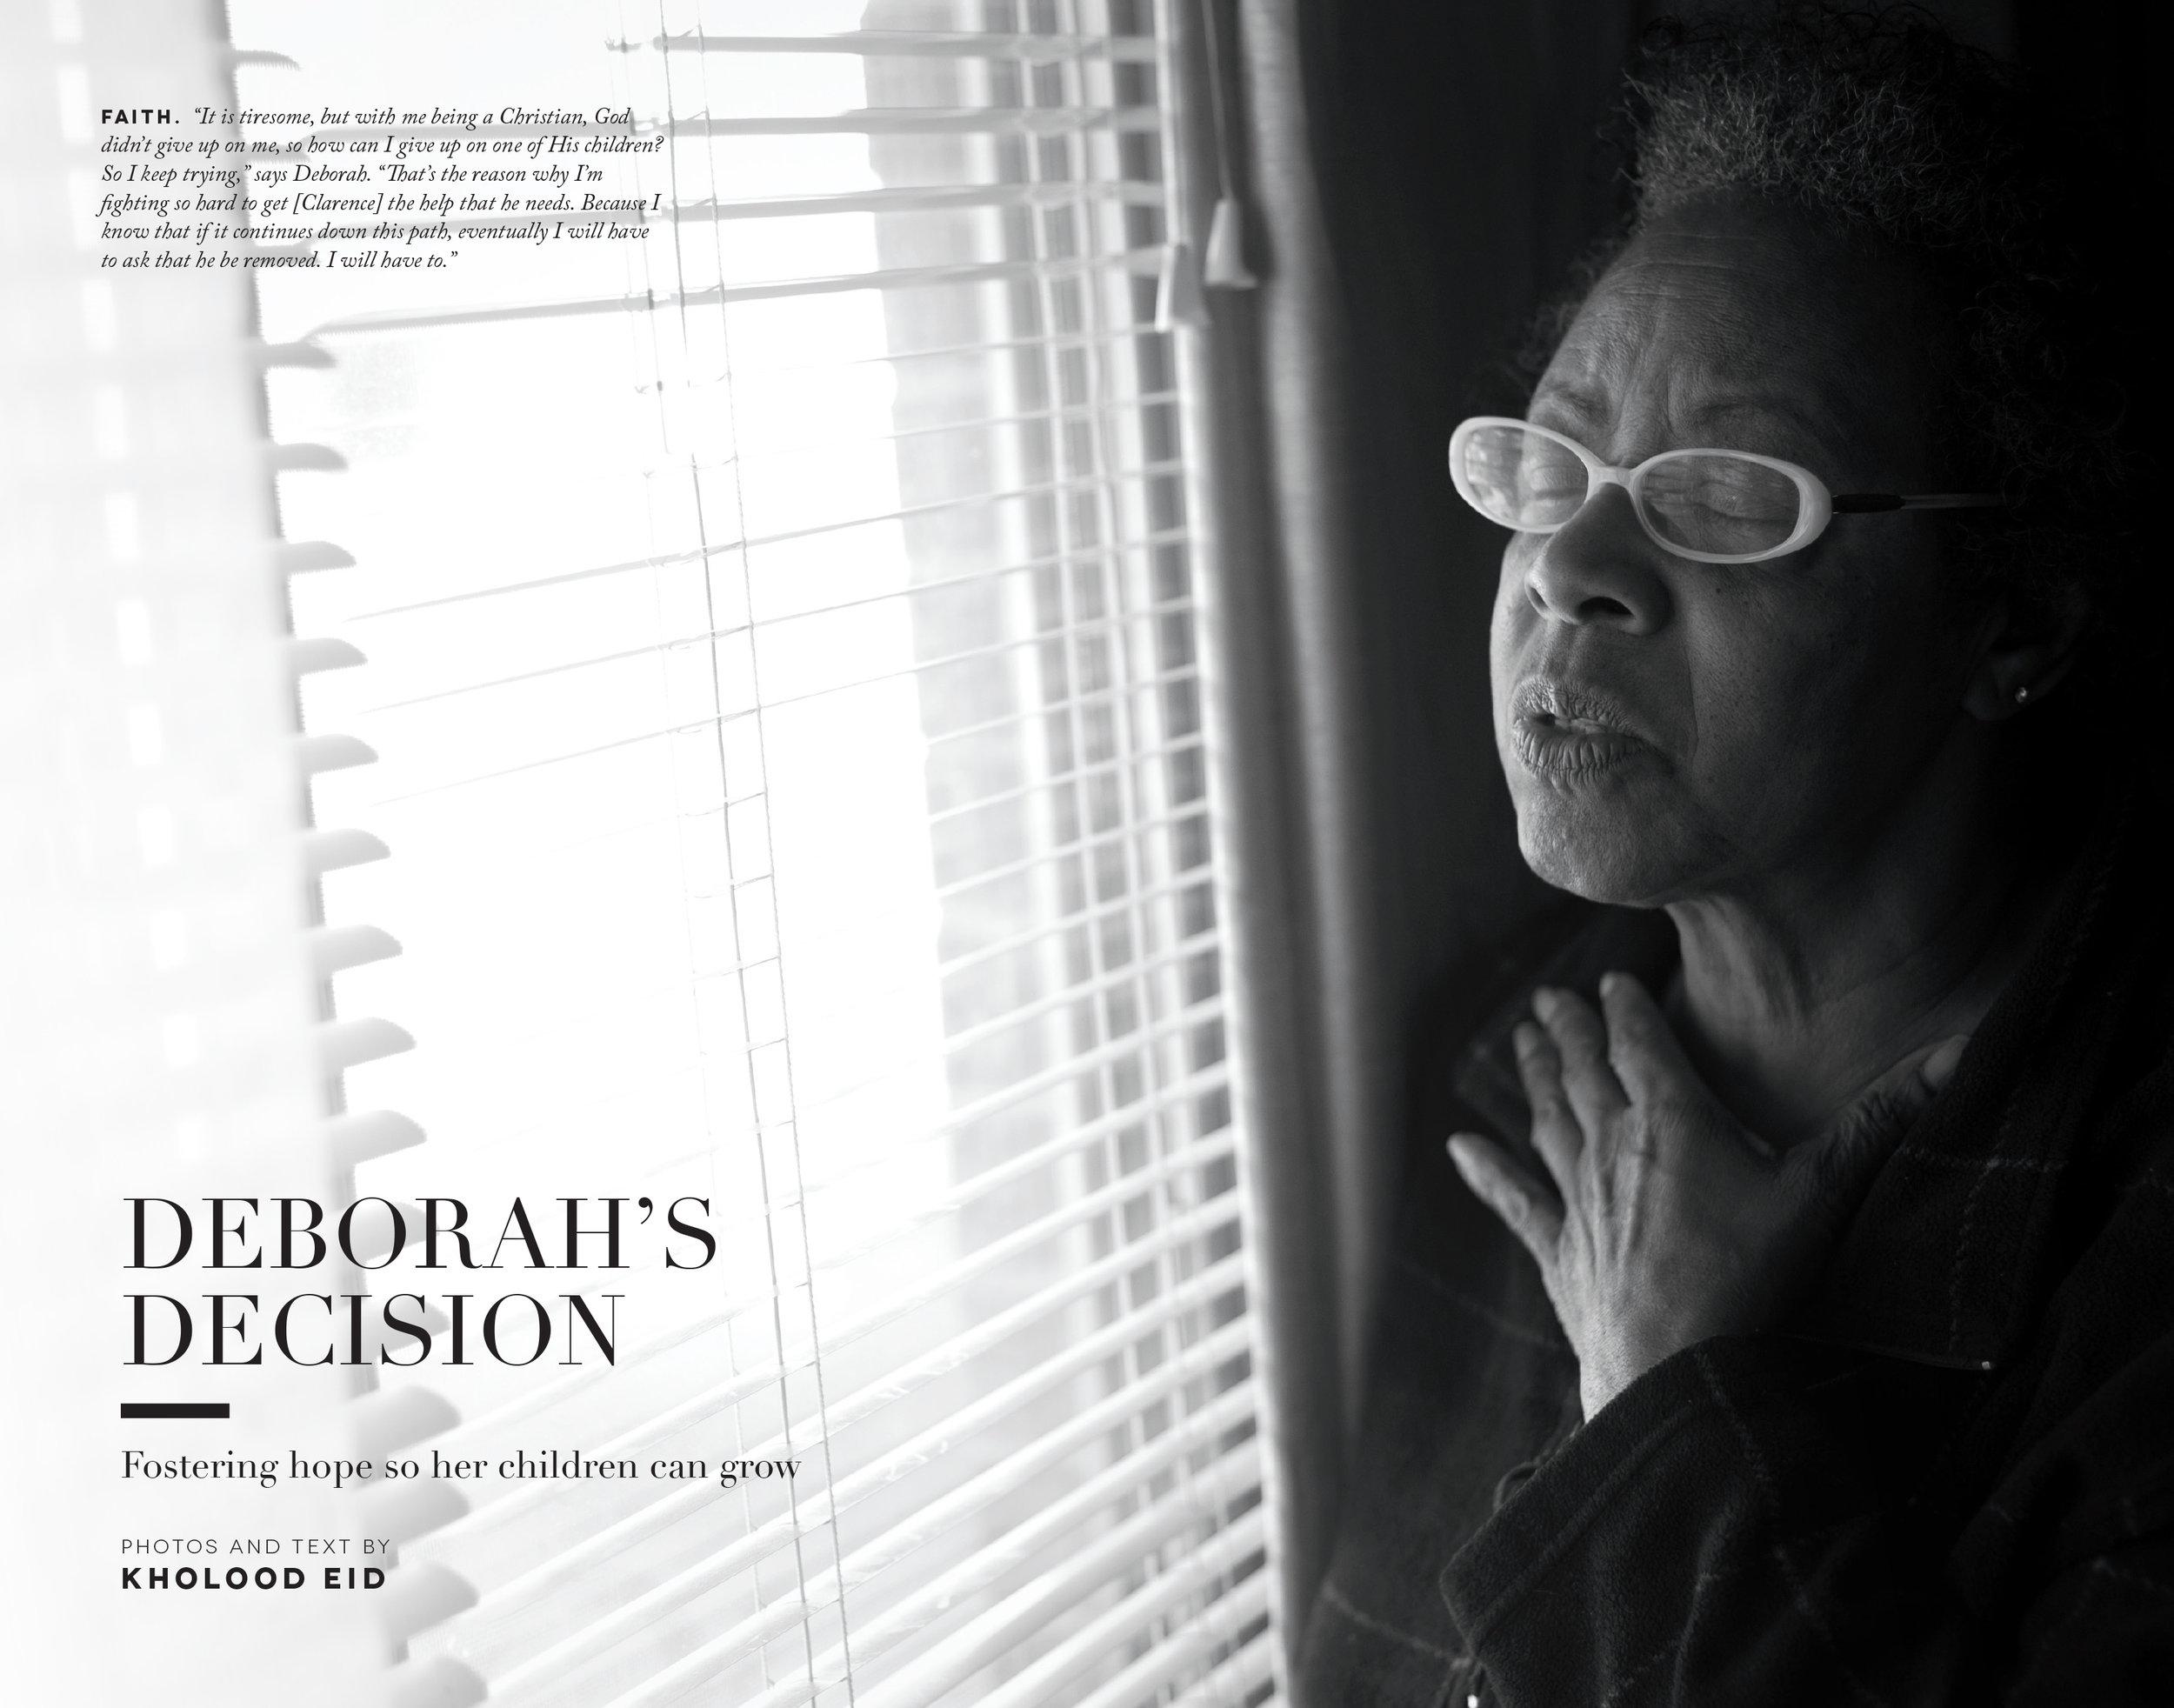 Deborah's Decision